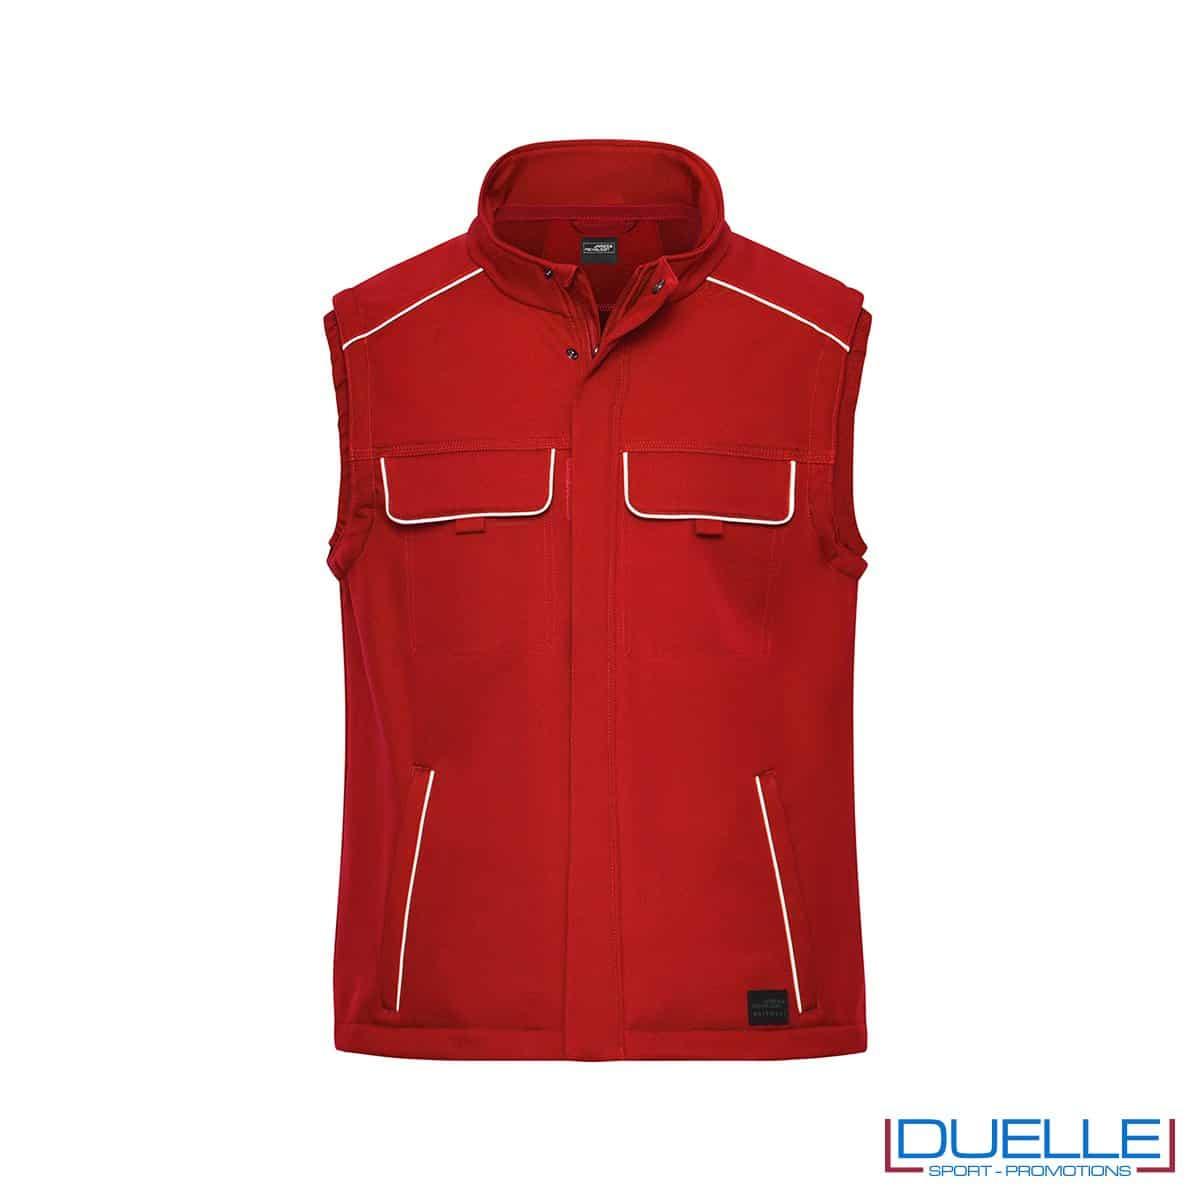 Gilet personalizzato da lavoro in colore rosso